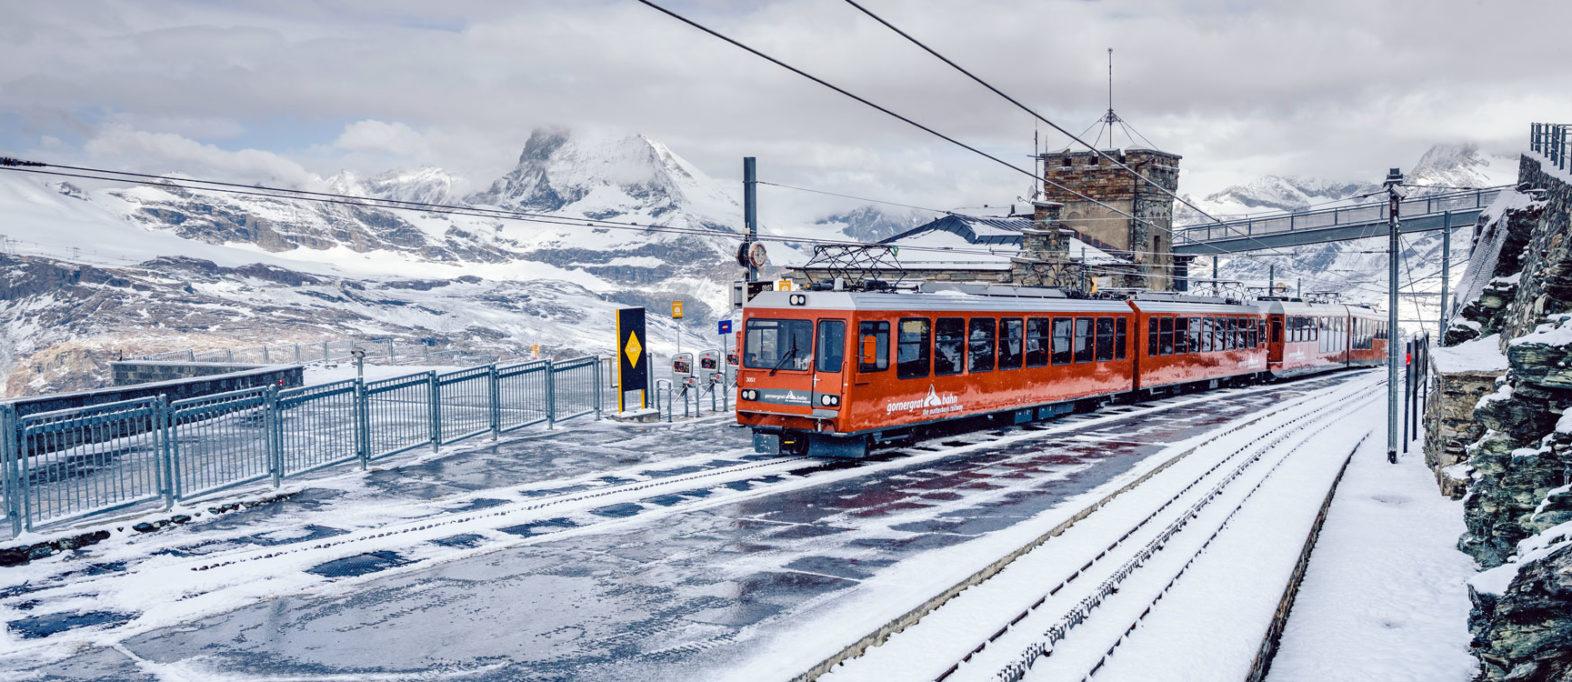 Gornergratbahn Matterhorn Zermatt